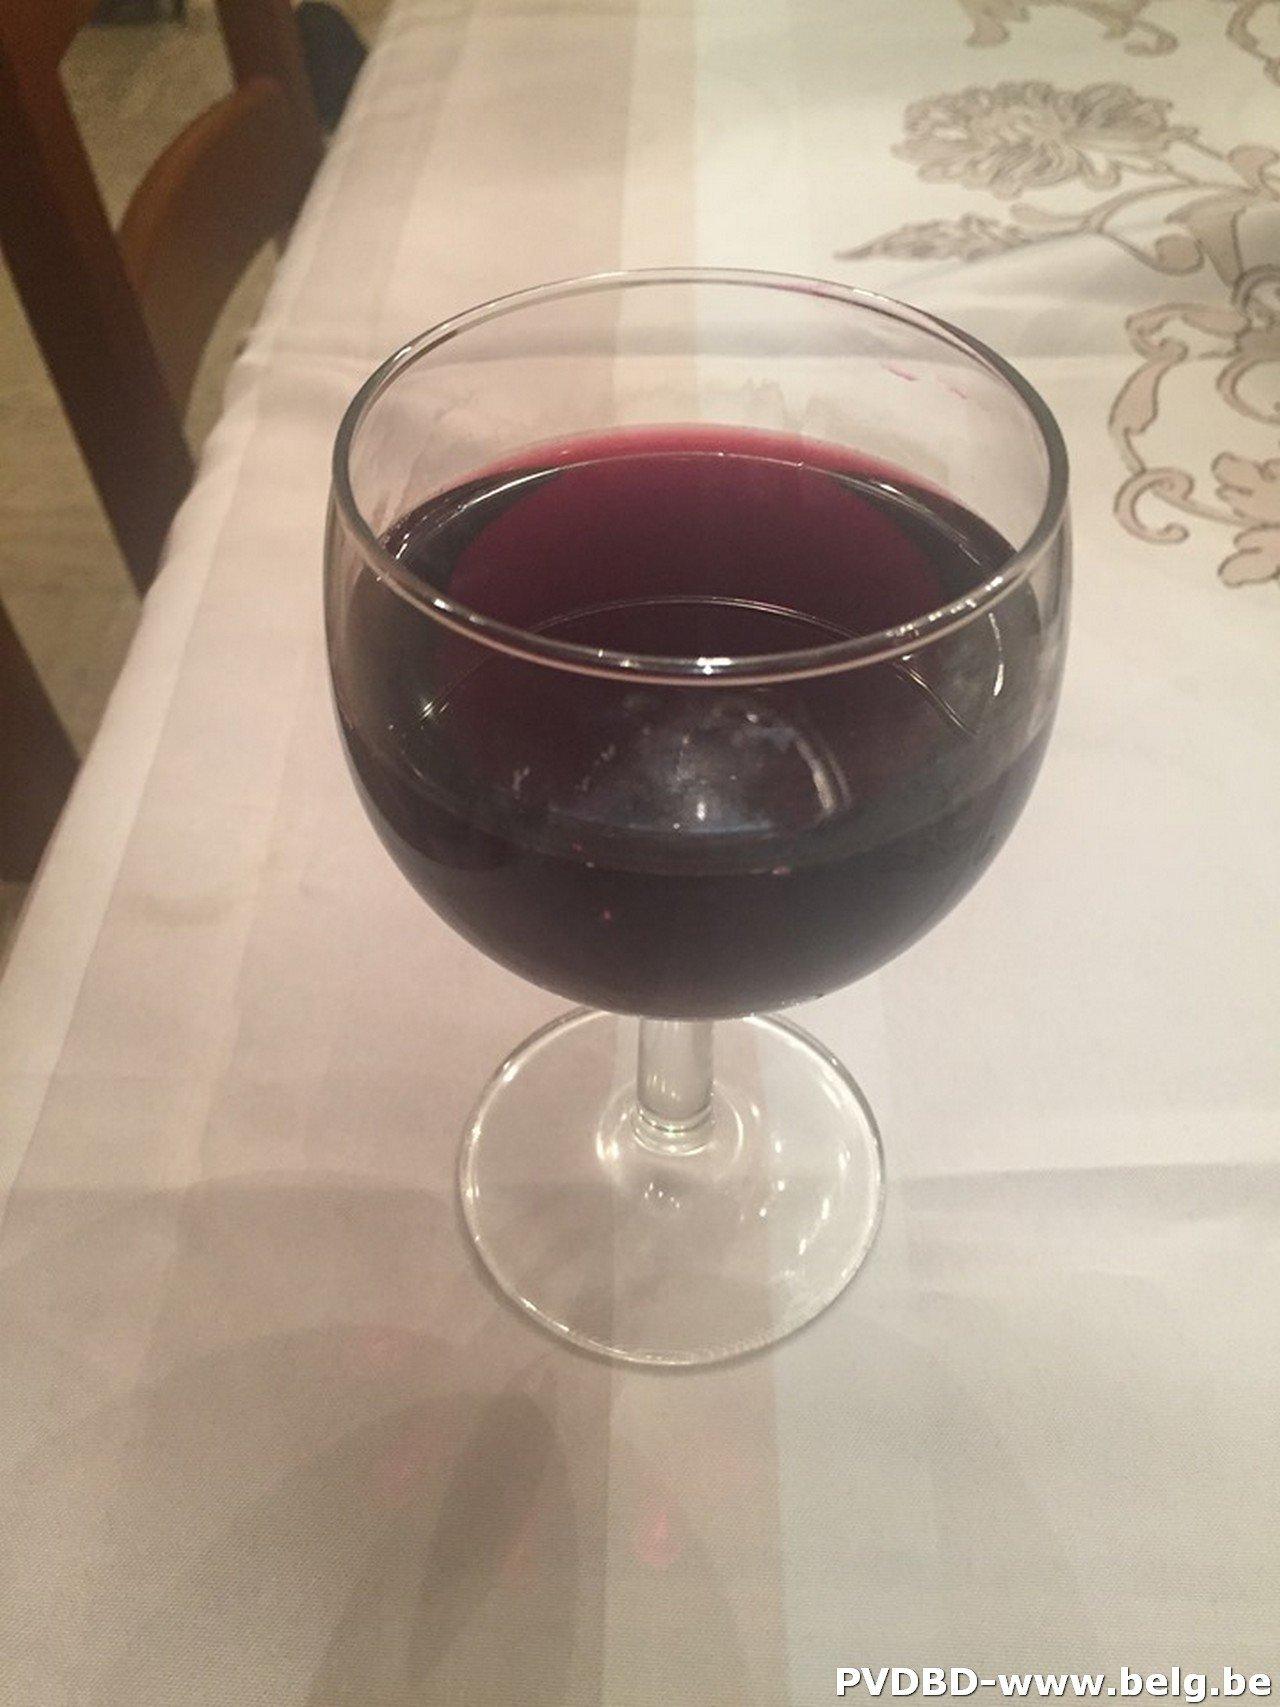 Wijn- en Bierproeverij in de Pedemolen (St-Gertrudis-Pede) op zondag 8 september - glas wijn